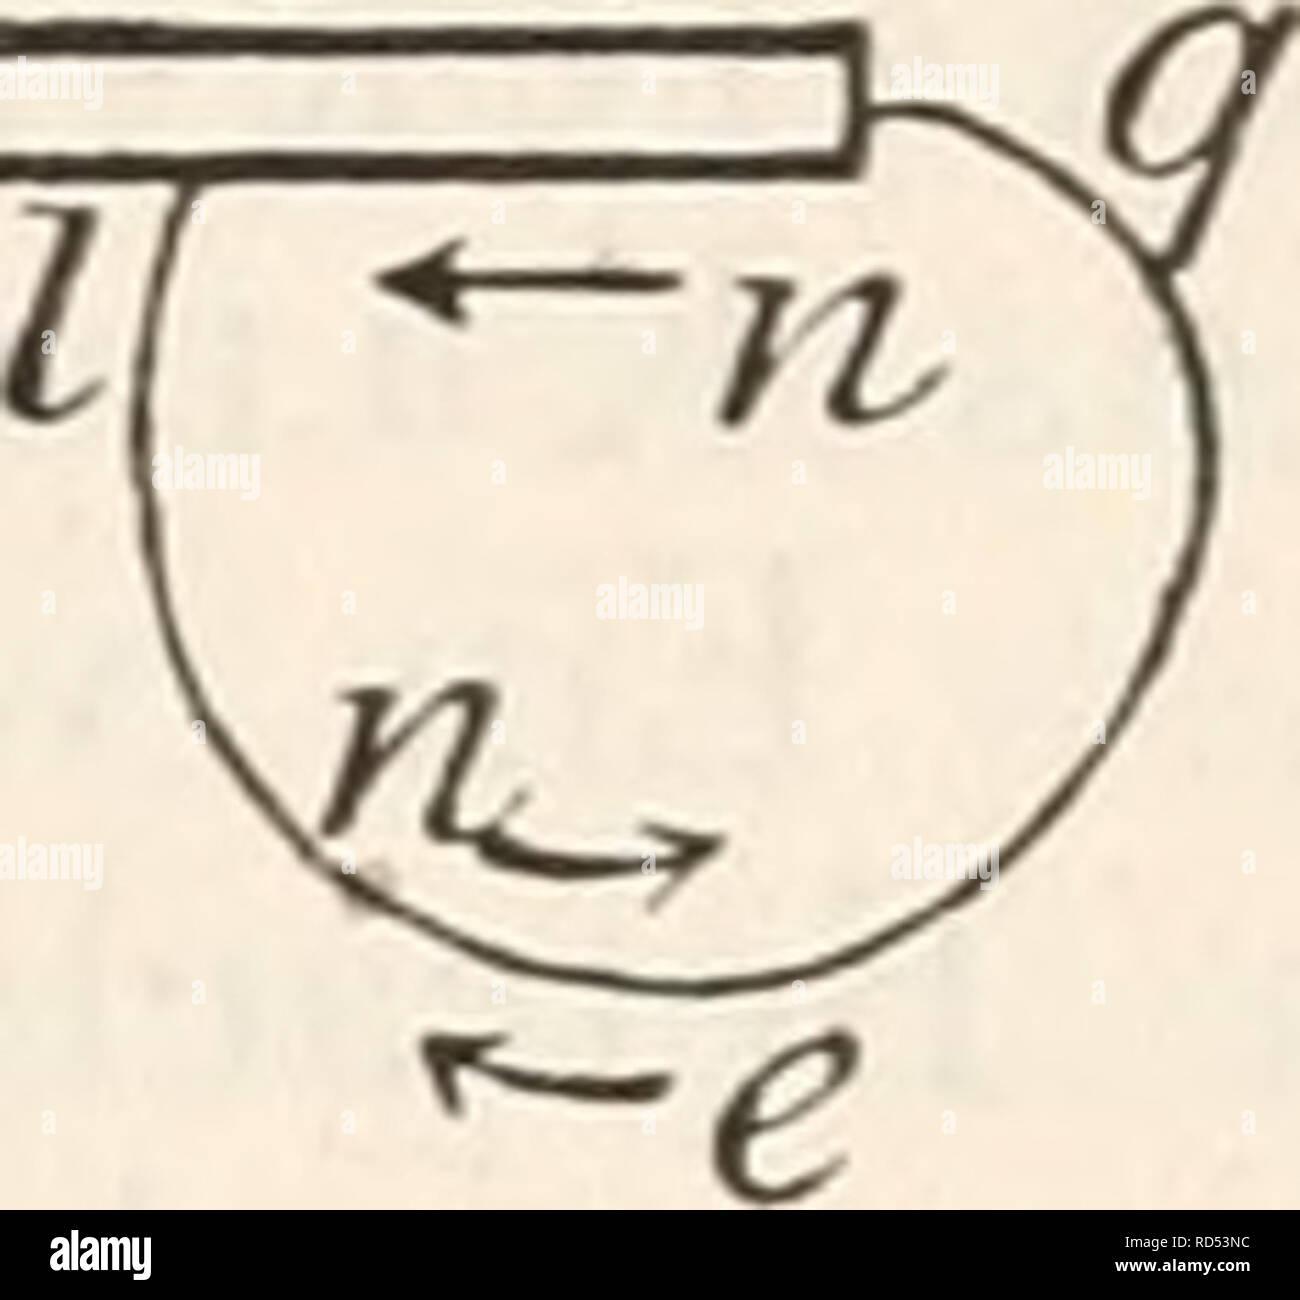 . Elektrophysiologie. 6->. den Zuwachs ausdrückt, und verbinden die Kuppen dieser Linien, so erhalten wir eine Curve, deren Gestalt uns ein anschauliches Bild von der an jeder Stelle auftretenden Veränderung der Spannung gewährt. In gleicher Weise stellen wir die Veränderungen an der Kathodenseite dar, nur ziehen wir, um gleich anzudeuten, dass hier die Spannungen negativ werden, die betreffenden Ordinaten nach abwärts vom Nerven als Abscissenaxe. Die beiden Curvenstücke lehren uns nur das Ver- halten der extrapolaren Nervenstrecken. In der That wissen wir nicht, wie sich der Nerv in der in Stock Photo